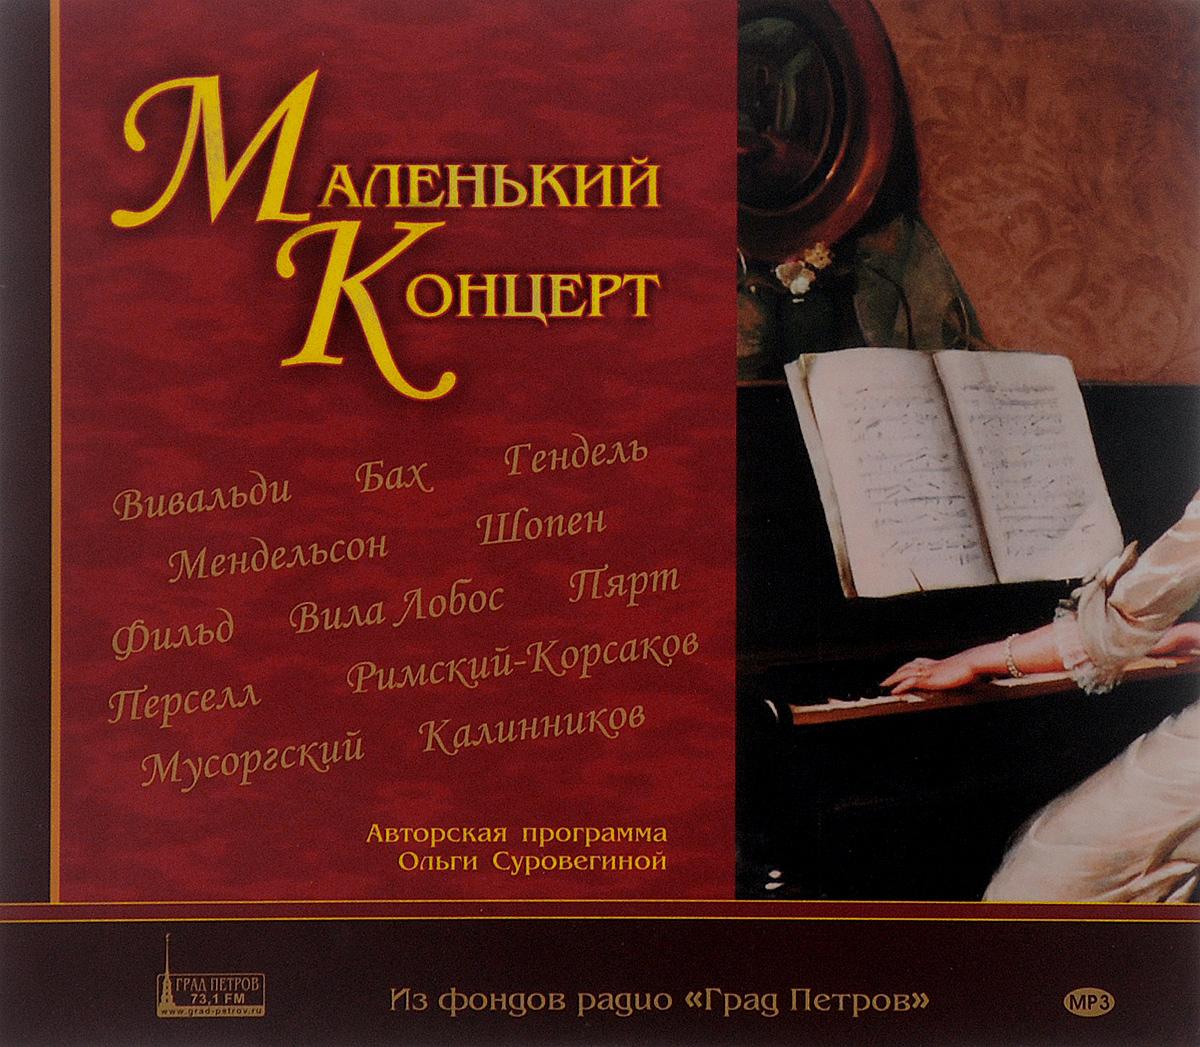 Маленький концерт. Авторская программа Ольги Суровегиной (mp3)